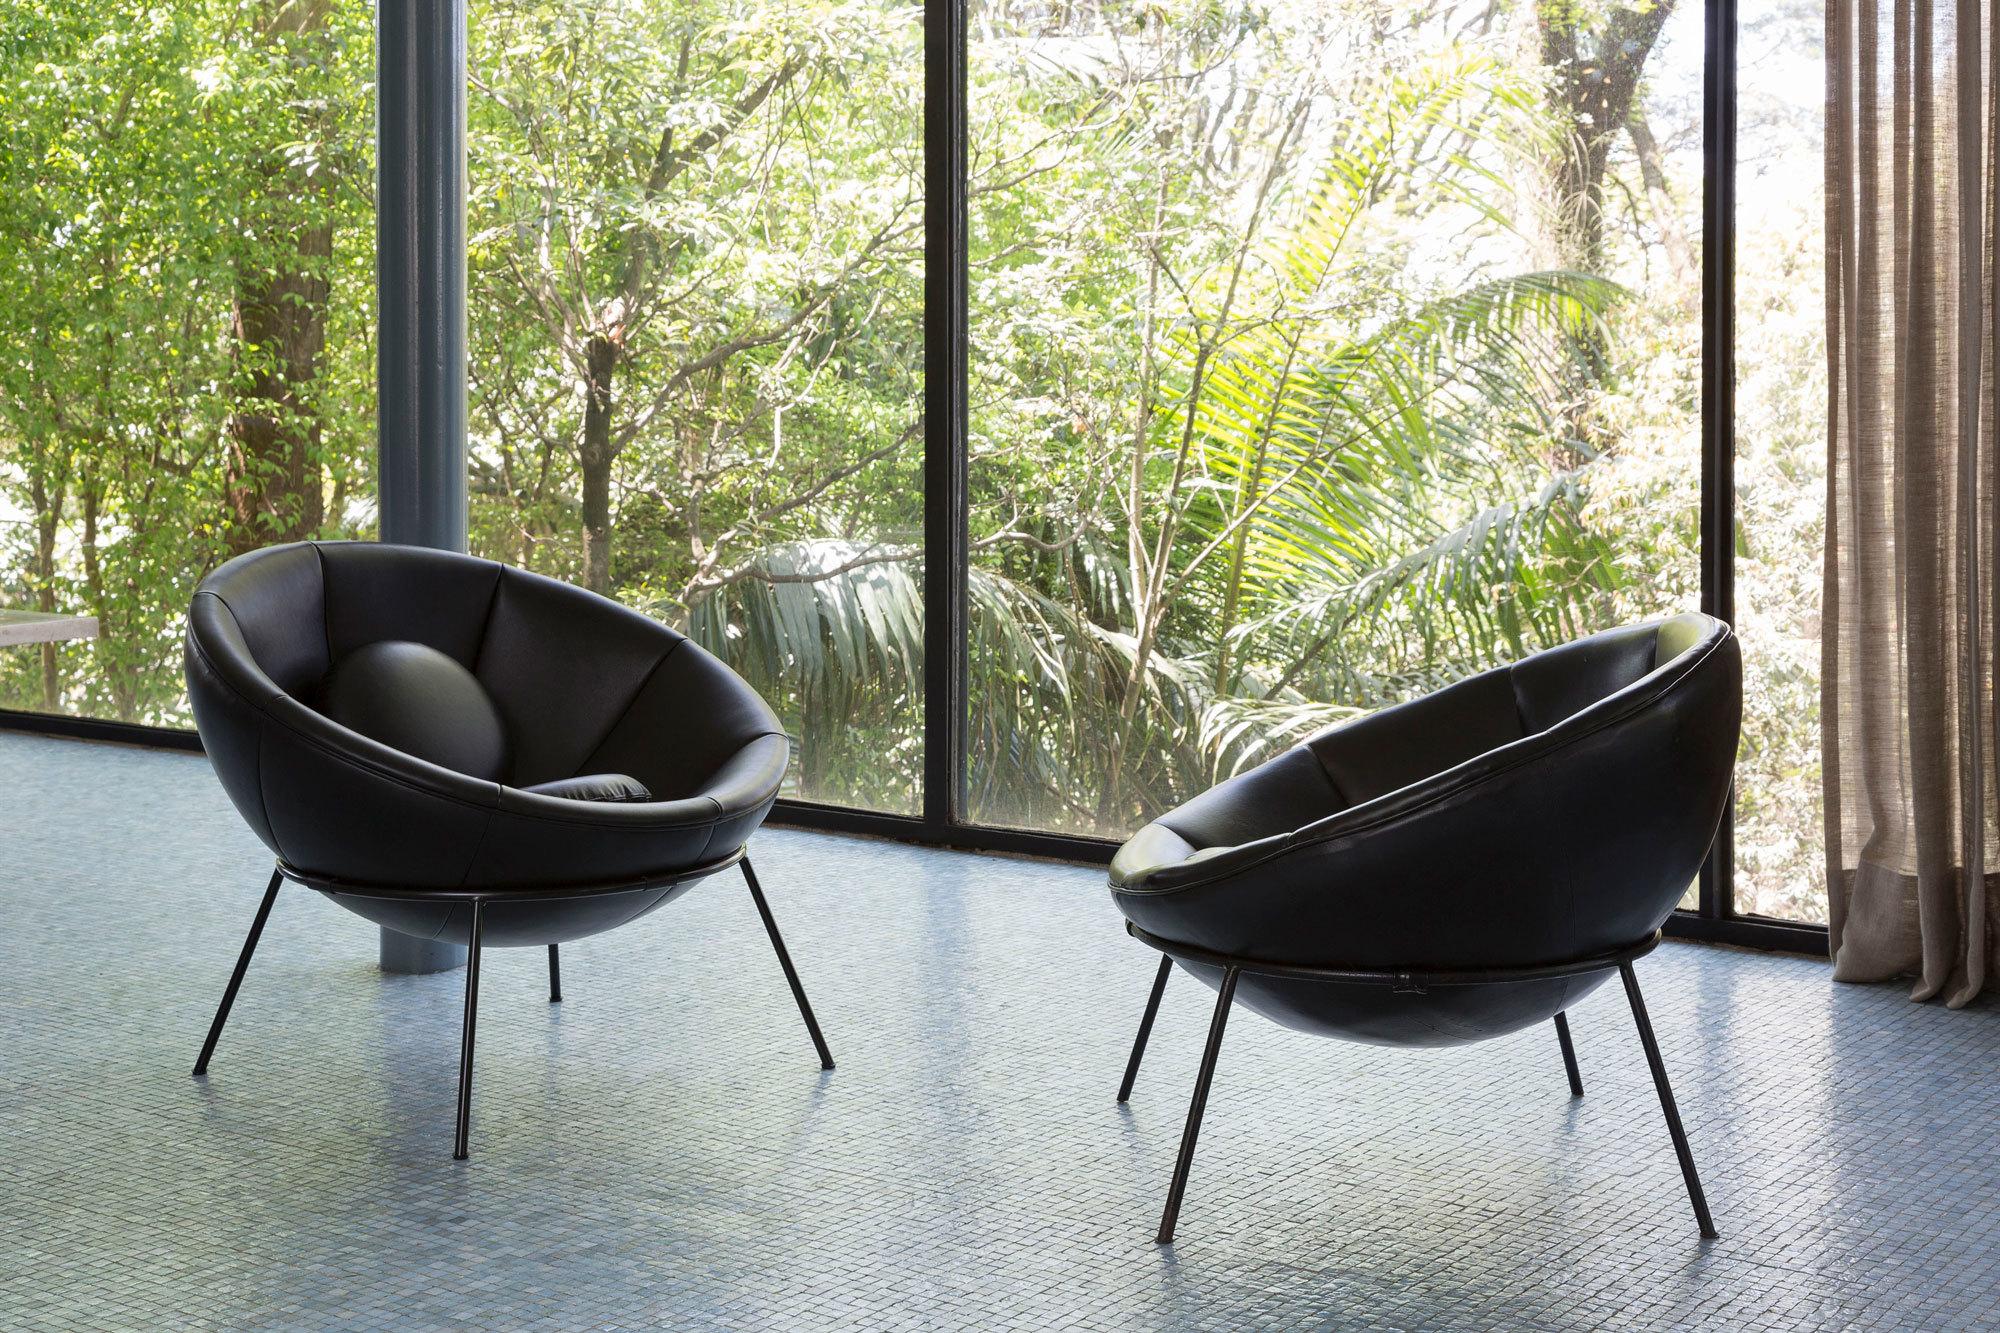 Lina Bo Bardi entwarf den Bowl Chair für ihr 1951 fertiggestelltes Wohnhaus Casa de Vidro. Foto: Ruy Teixeira